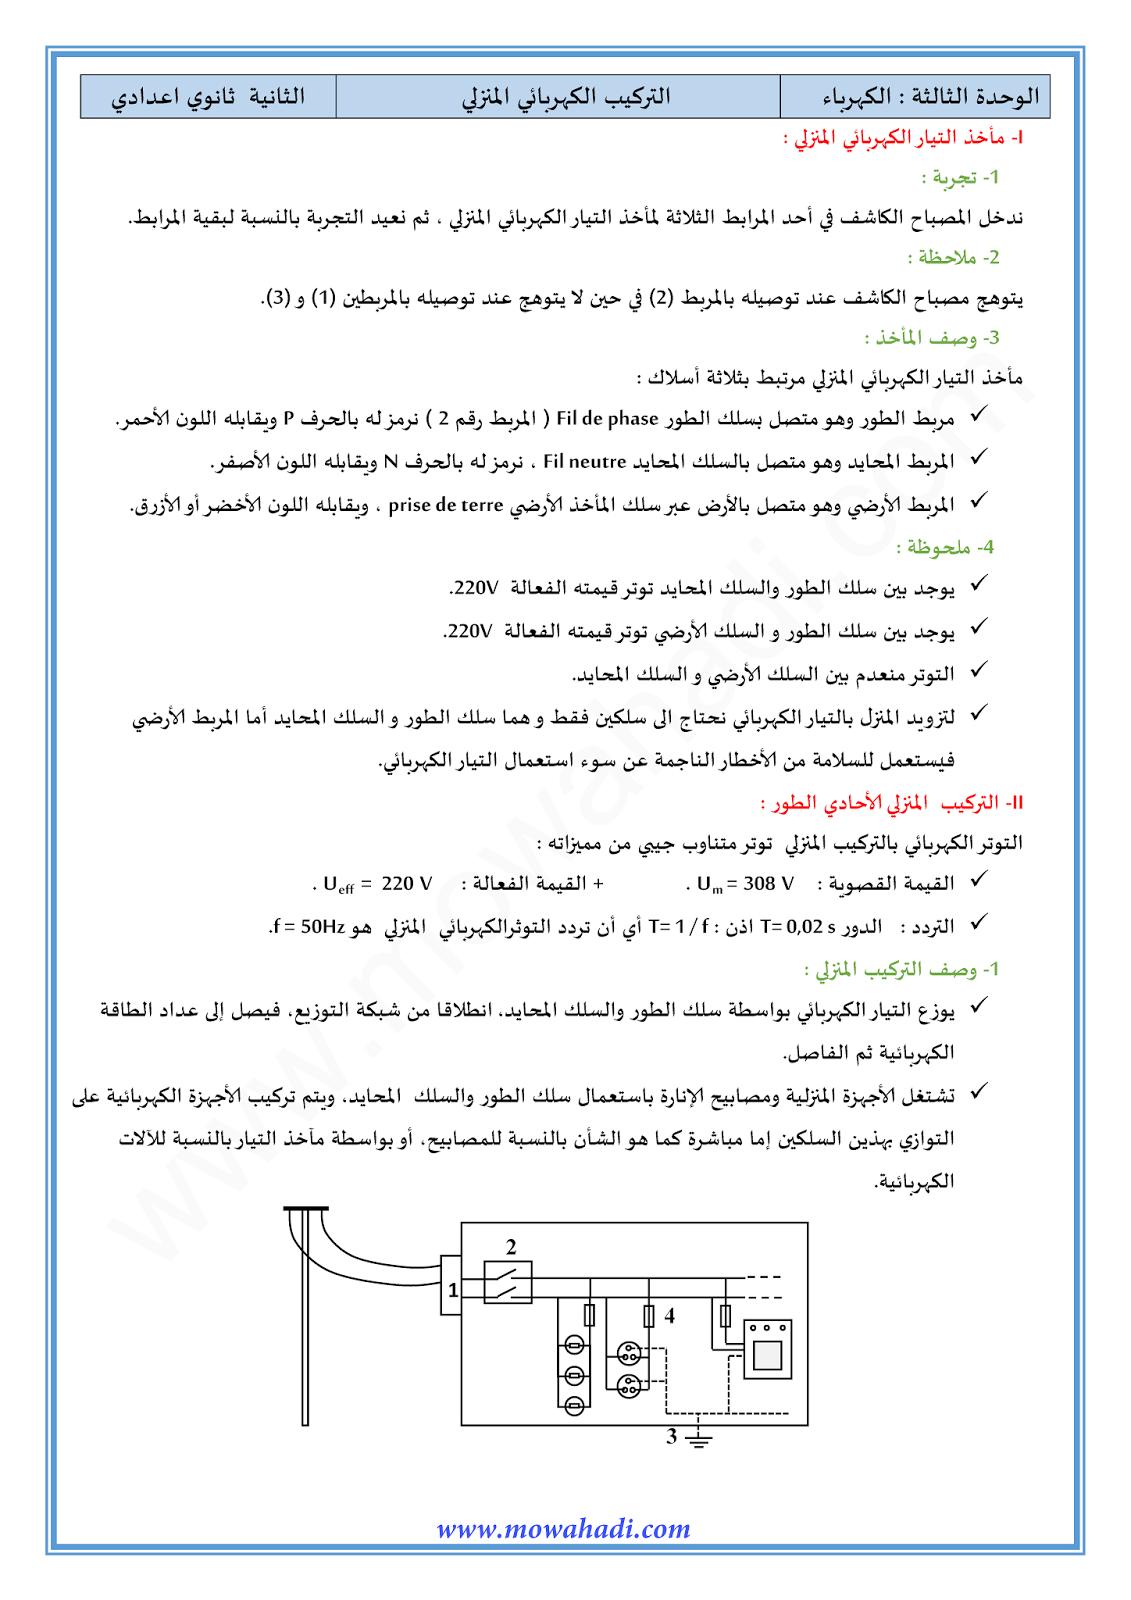 التركيب الكهربائي المنزلي